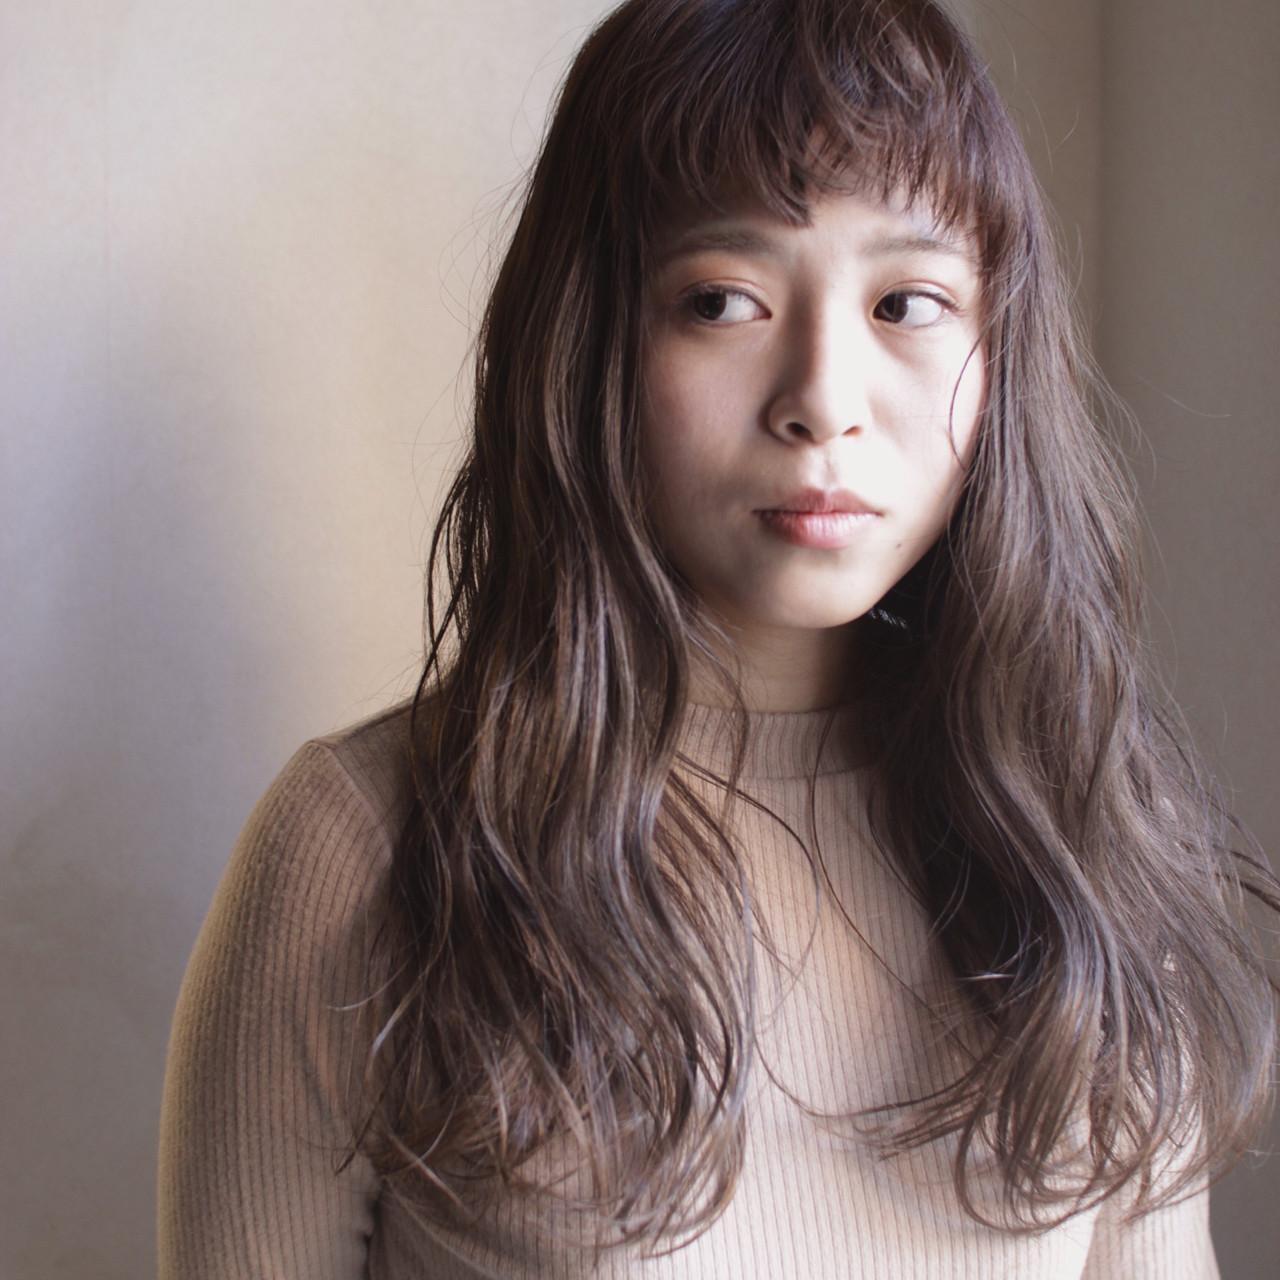 ナチュラル くせ毛風 ゆるふわ パーマ ヘアスタイルや髪型の写真・画像